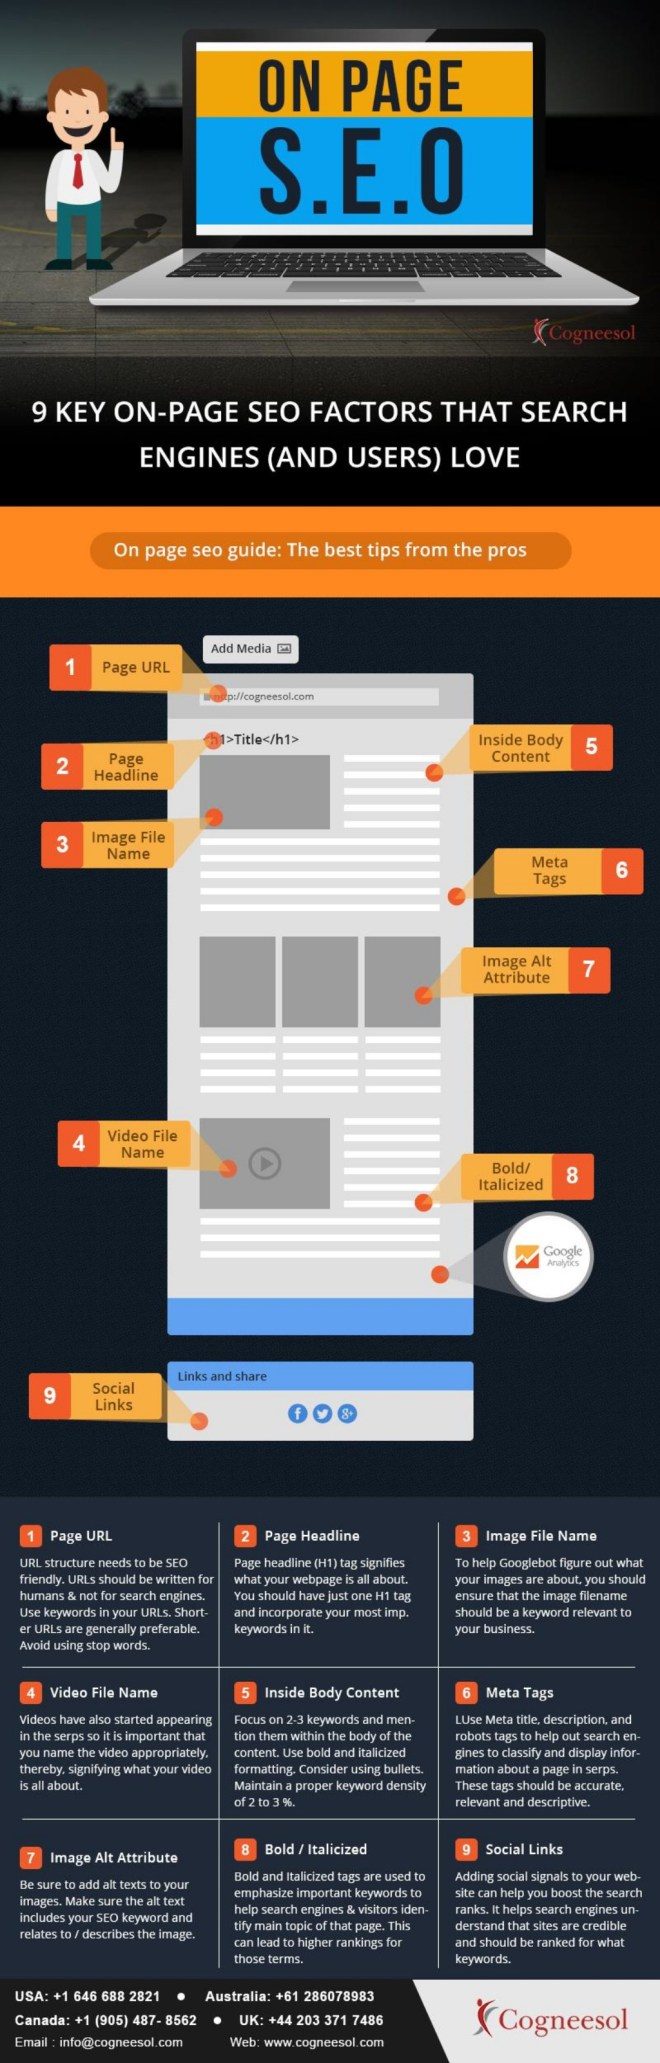 9 factores clave del SEO On Page